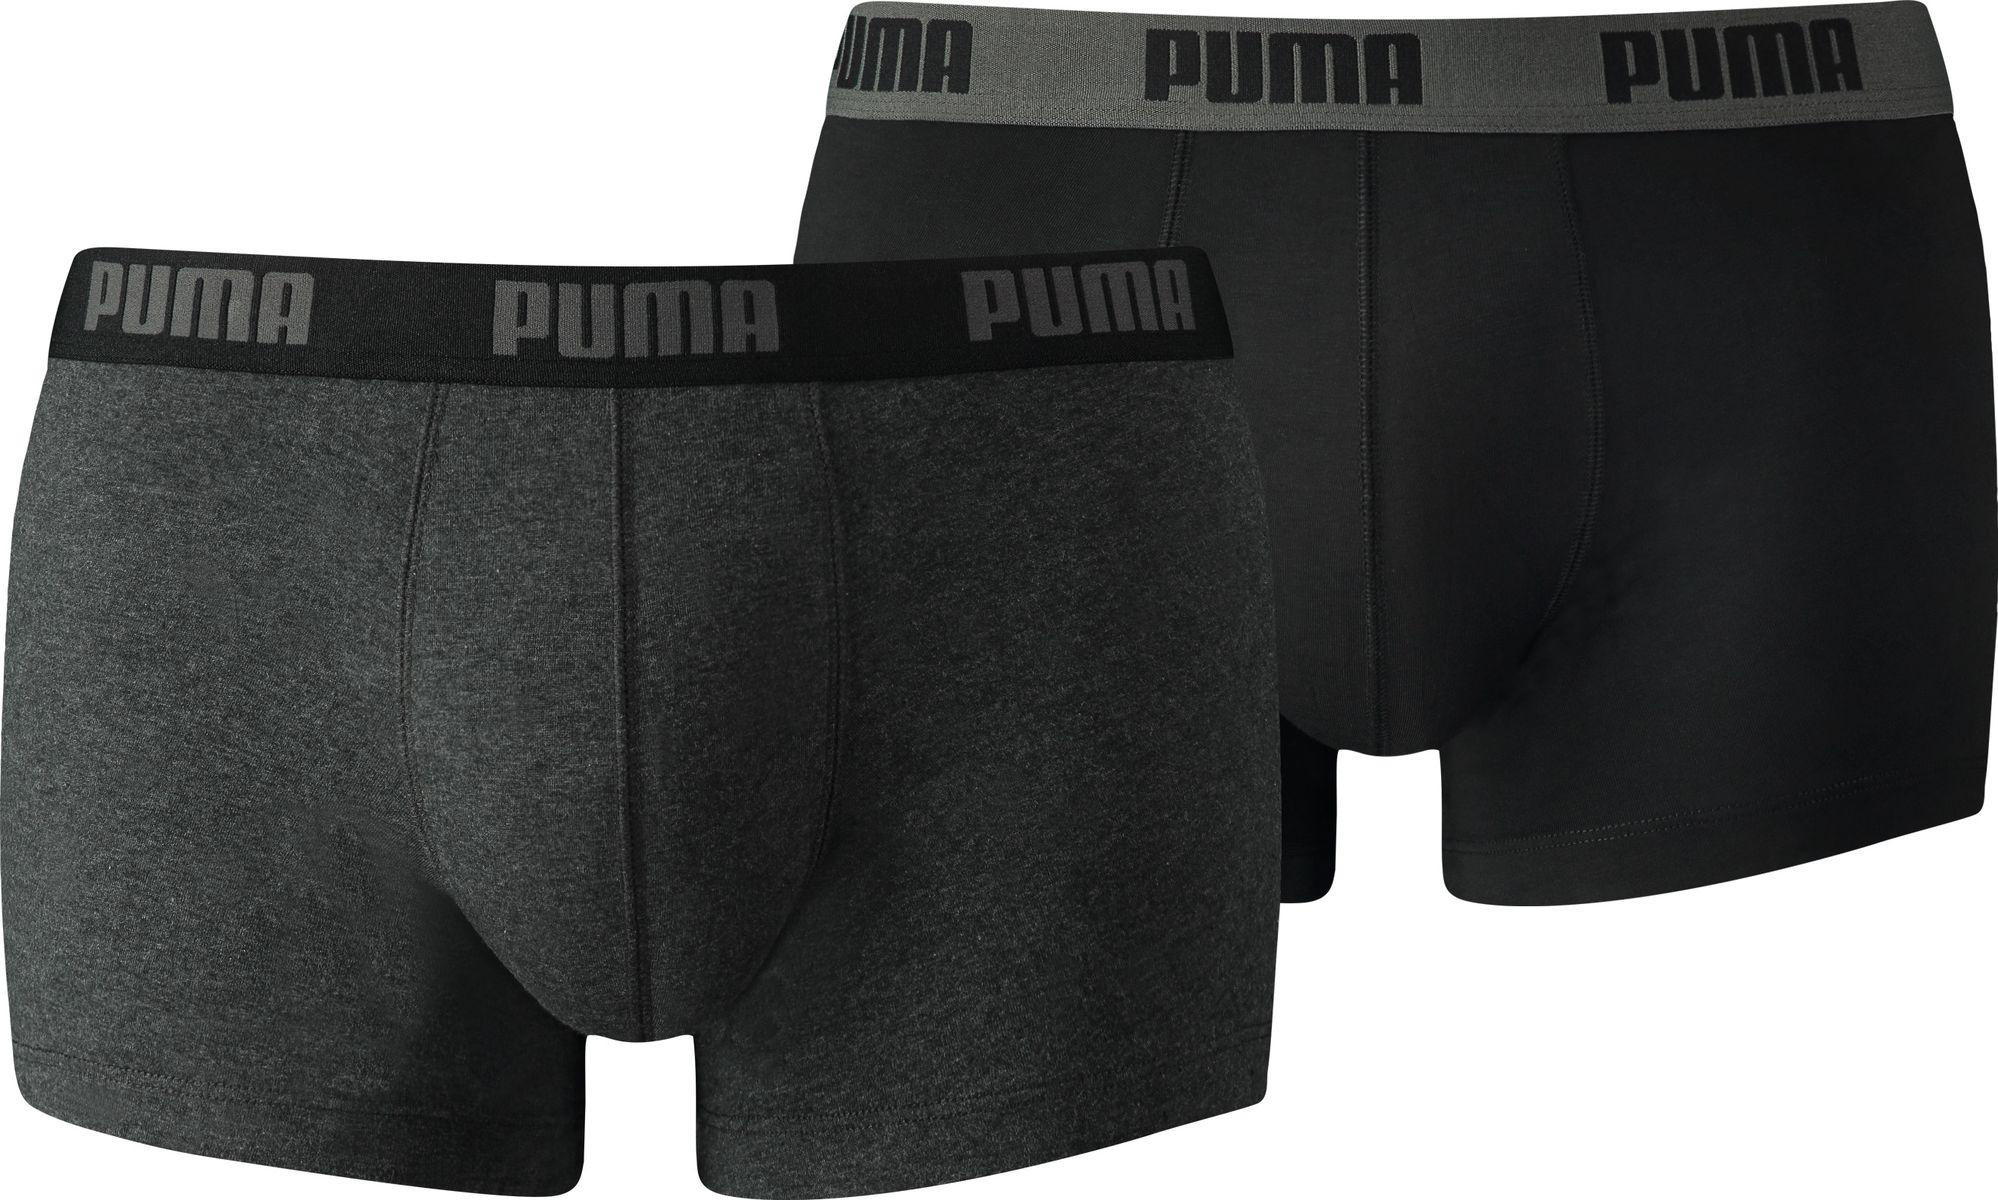 Трусы-боксеры мужские Puma Basic Trunk 2p, цвет: темно-серый, 2 шт. 88887062. Размер S (44/46)